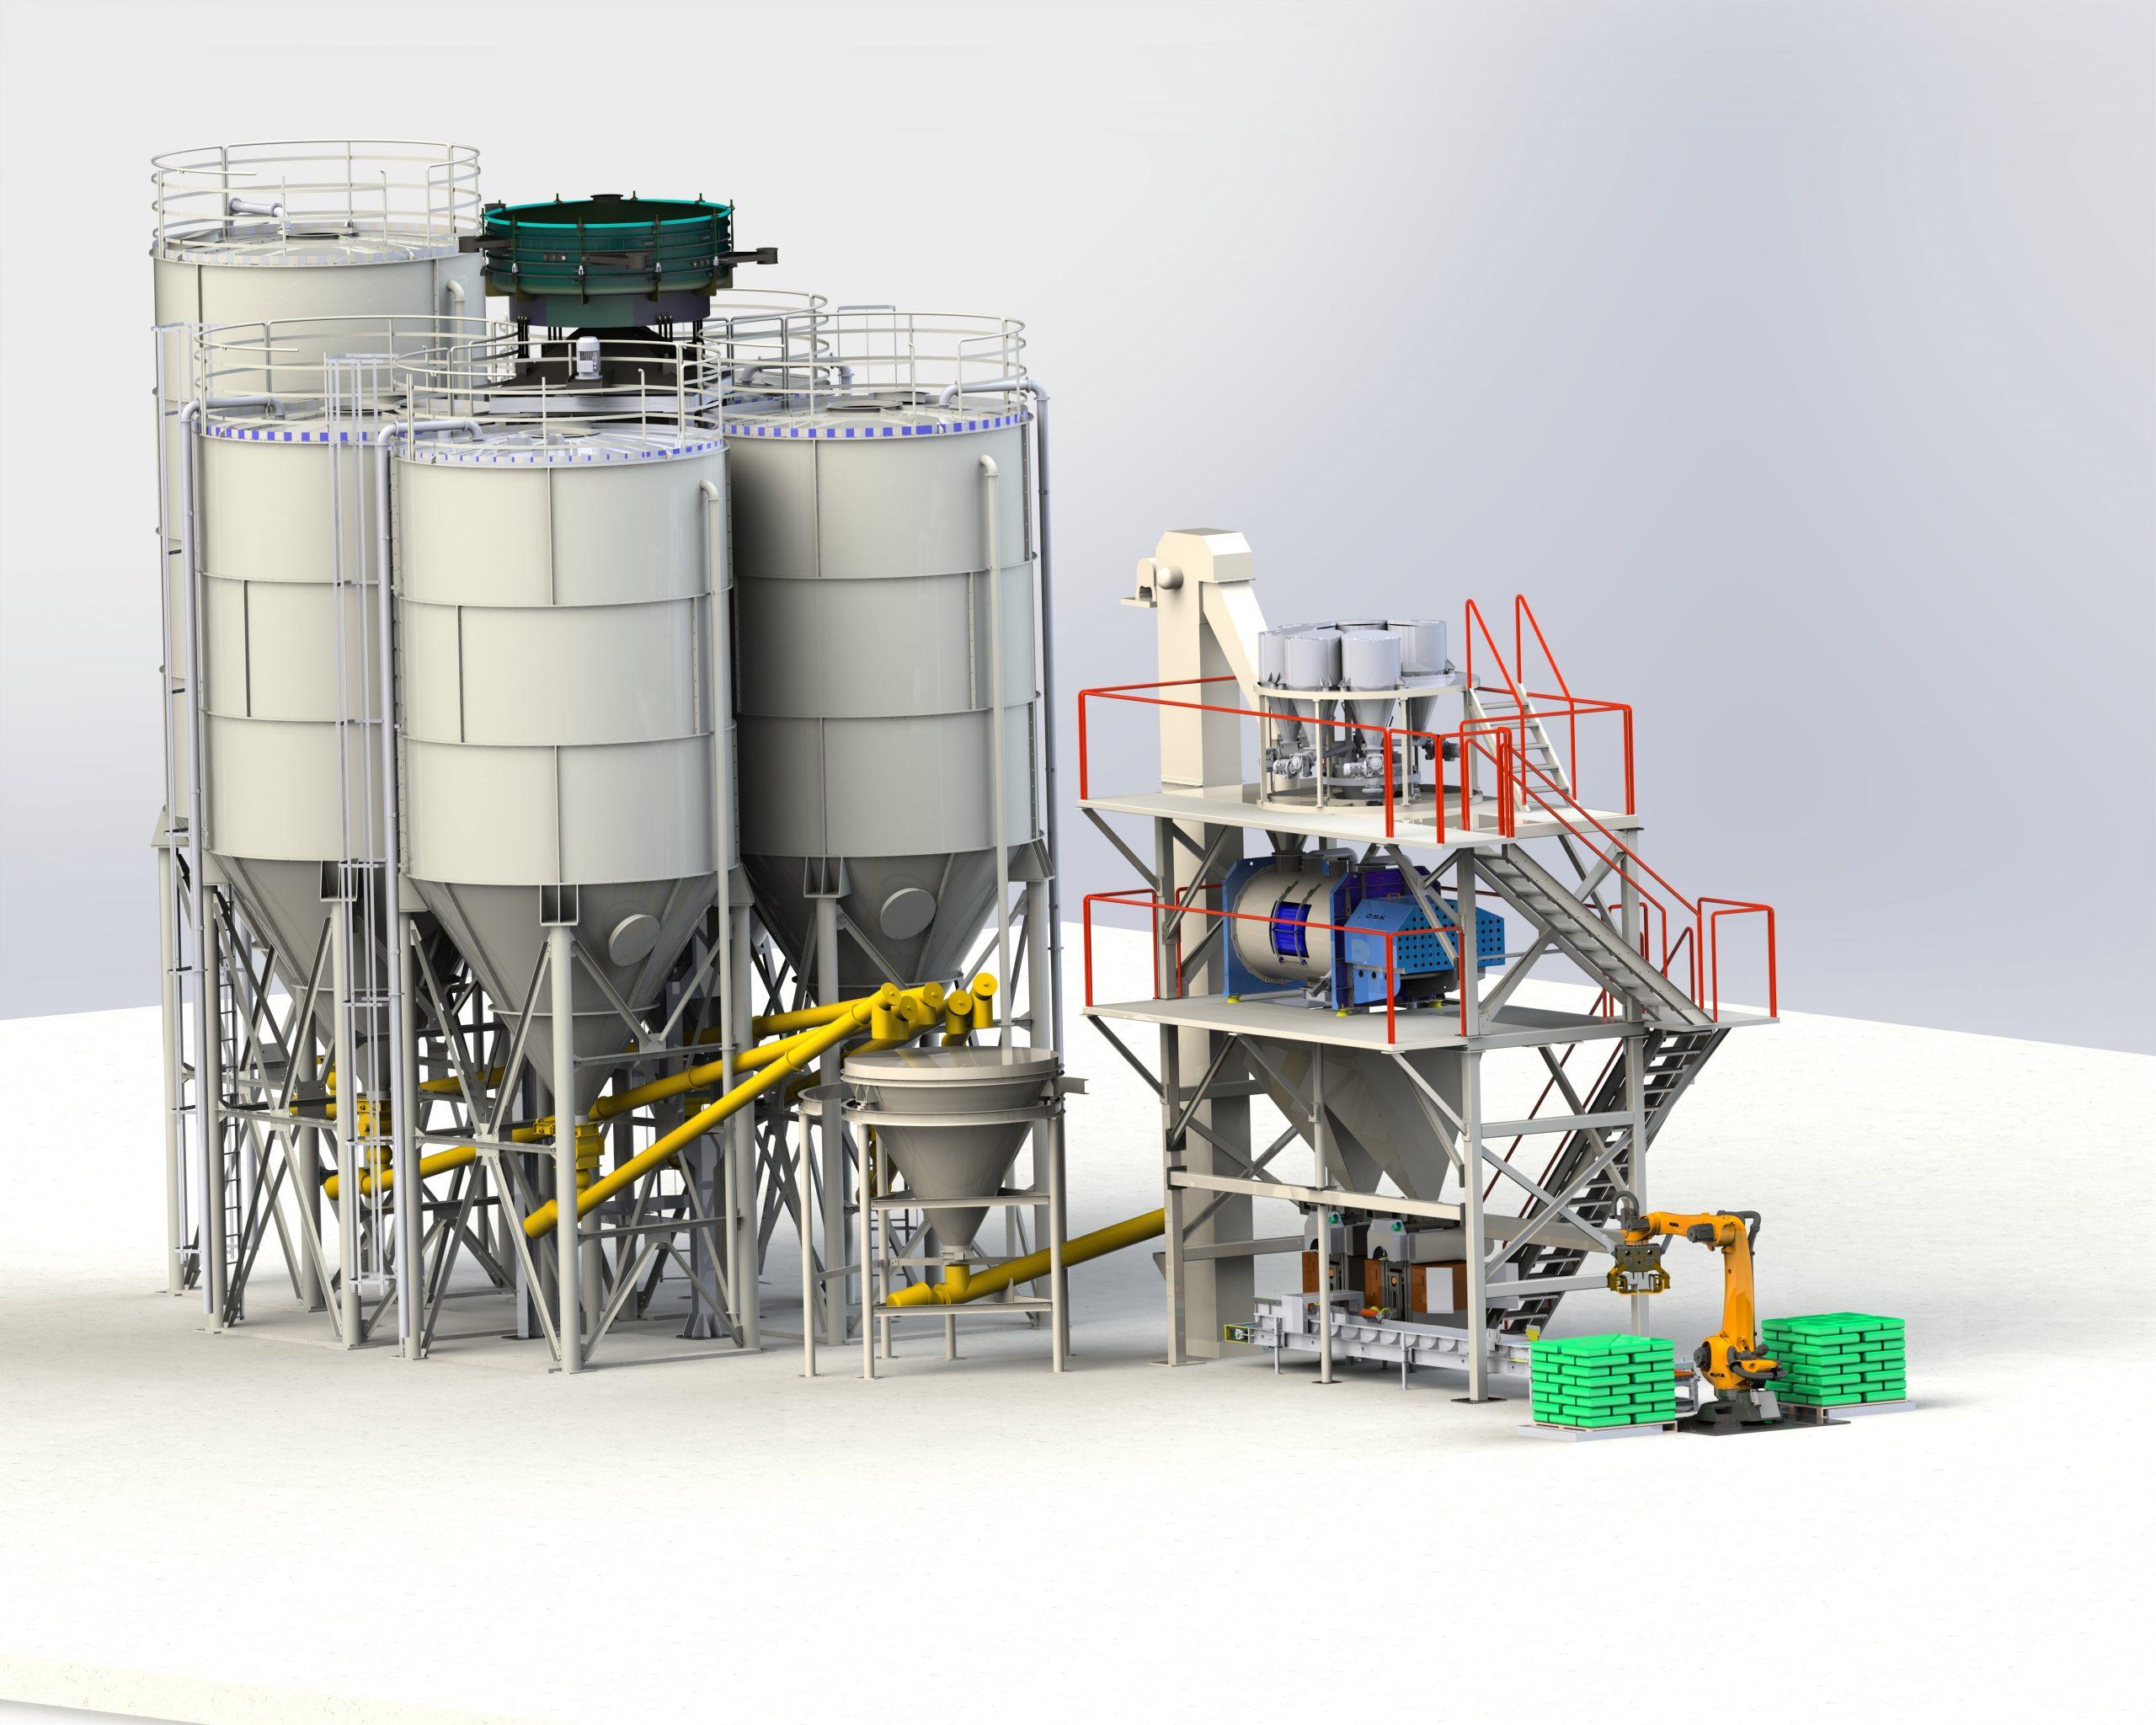 Yapı kimyasalları tesisi 12-20 ton/s